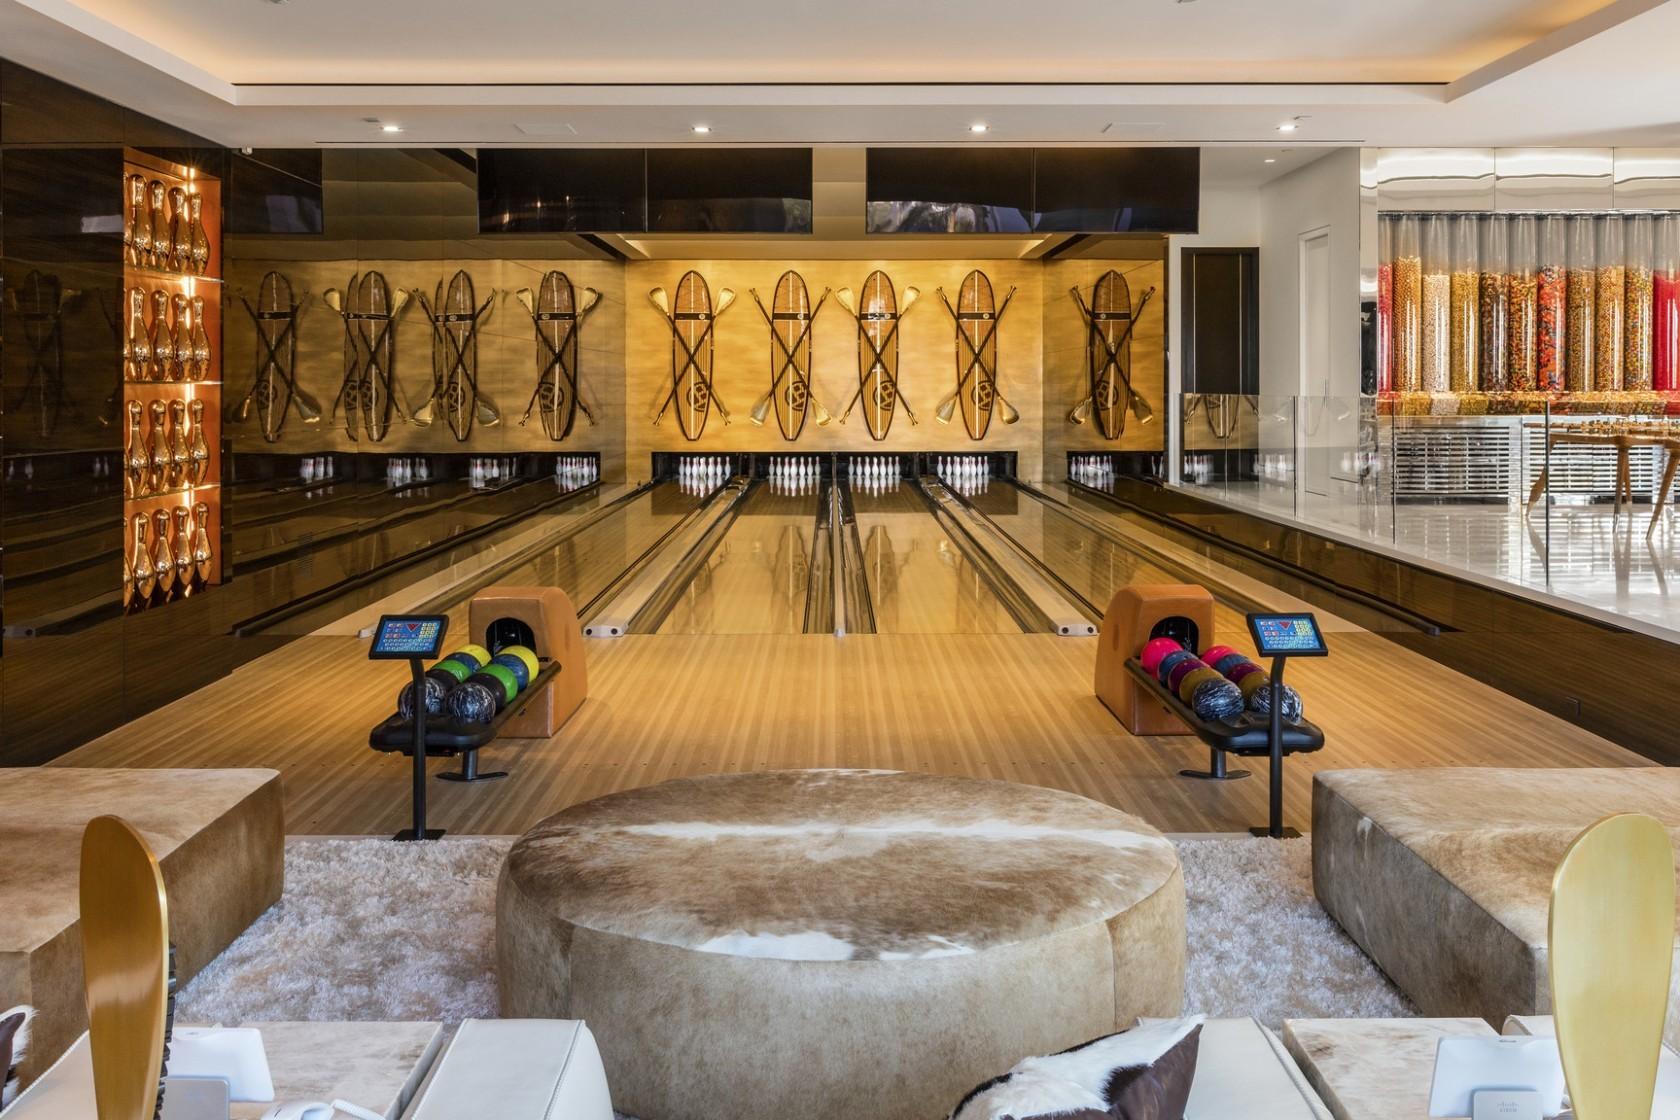 Traumhaus in Bel Air: Dieses $250 Millionen Dollar Anwesen wechselt für $94 Millionen den Besitzer 12